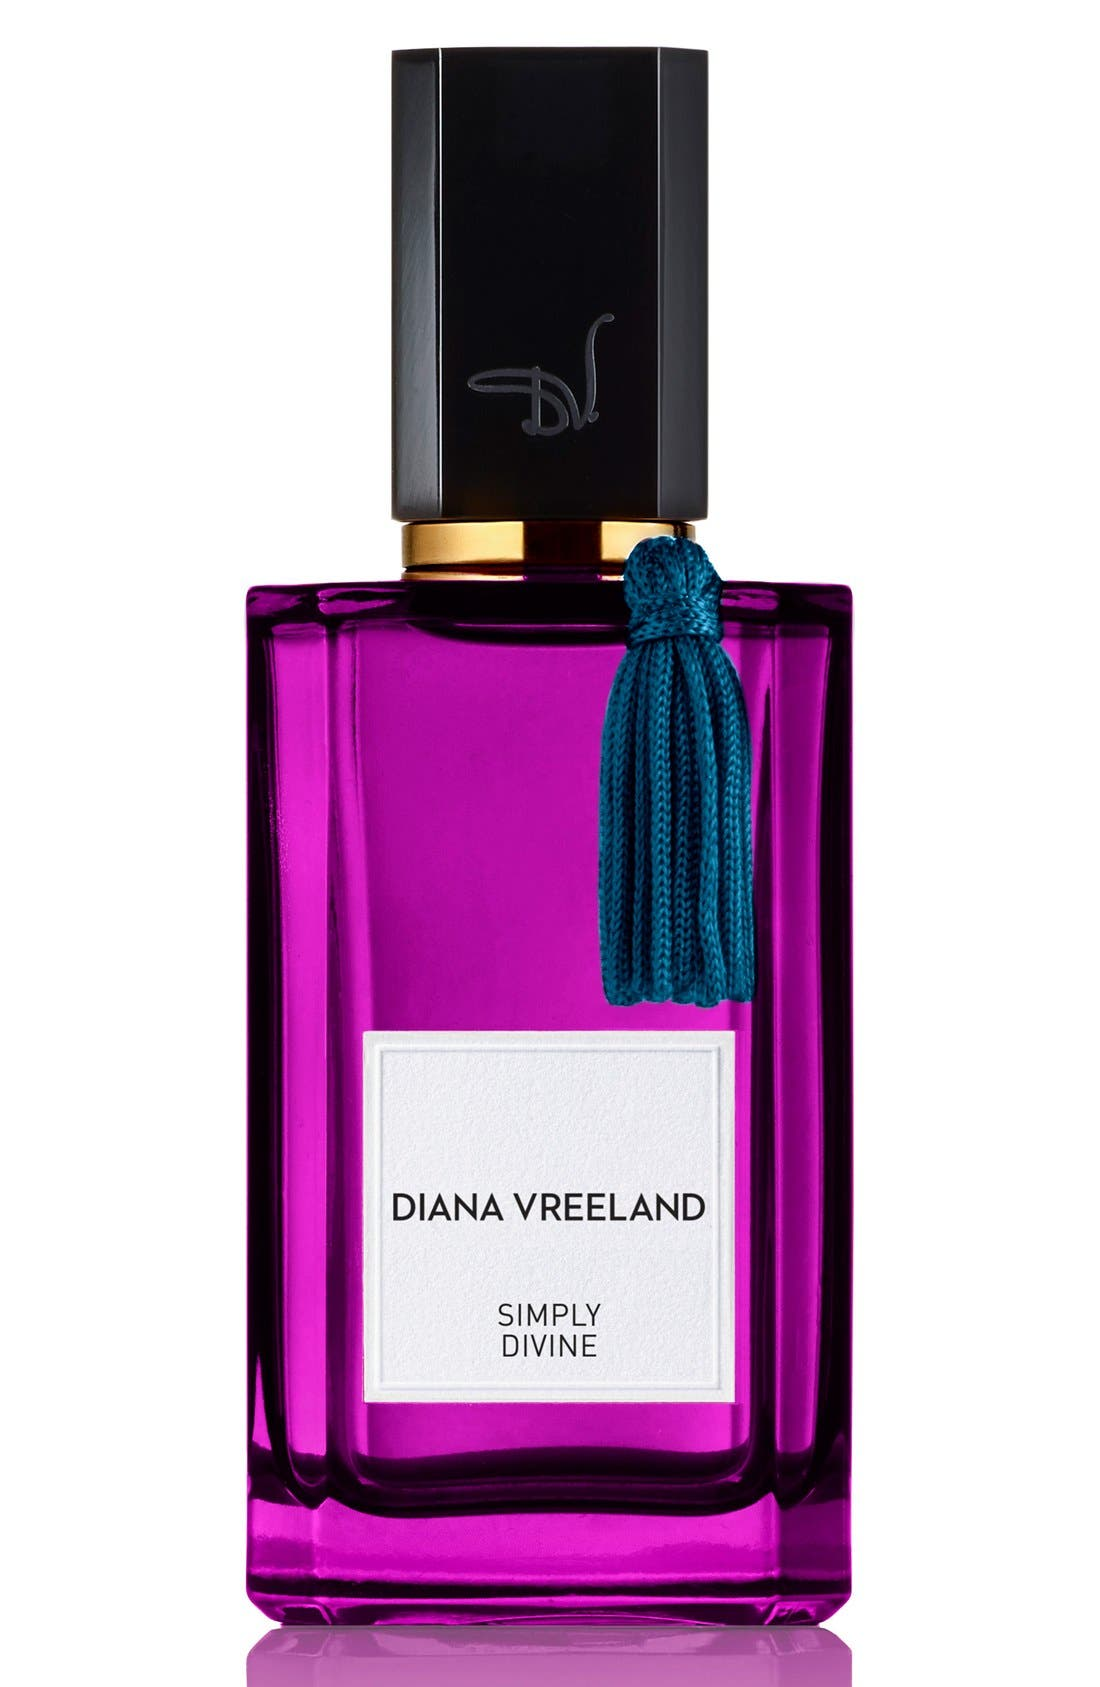 Diana Vreeland 'Simply Divine' Eau de Parfum